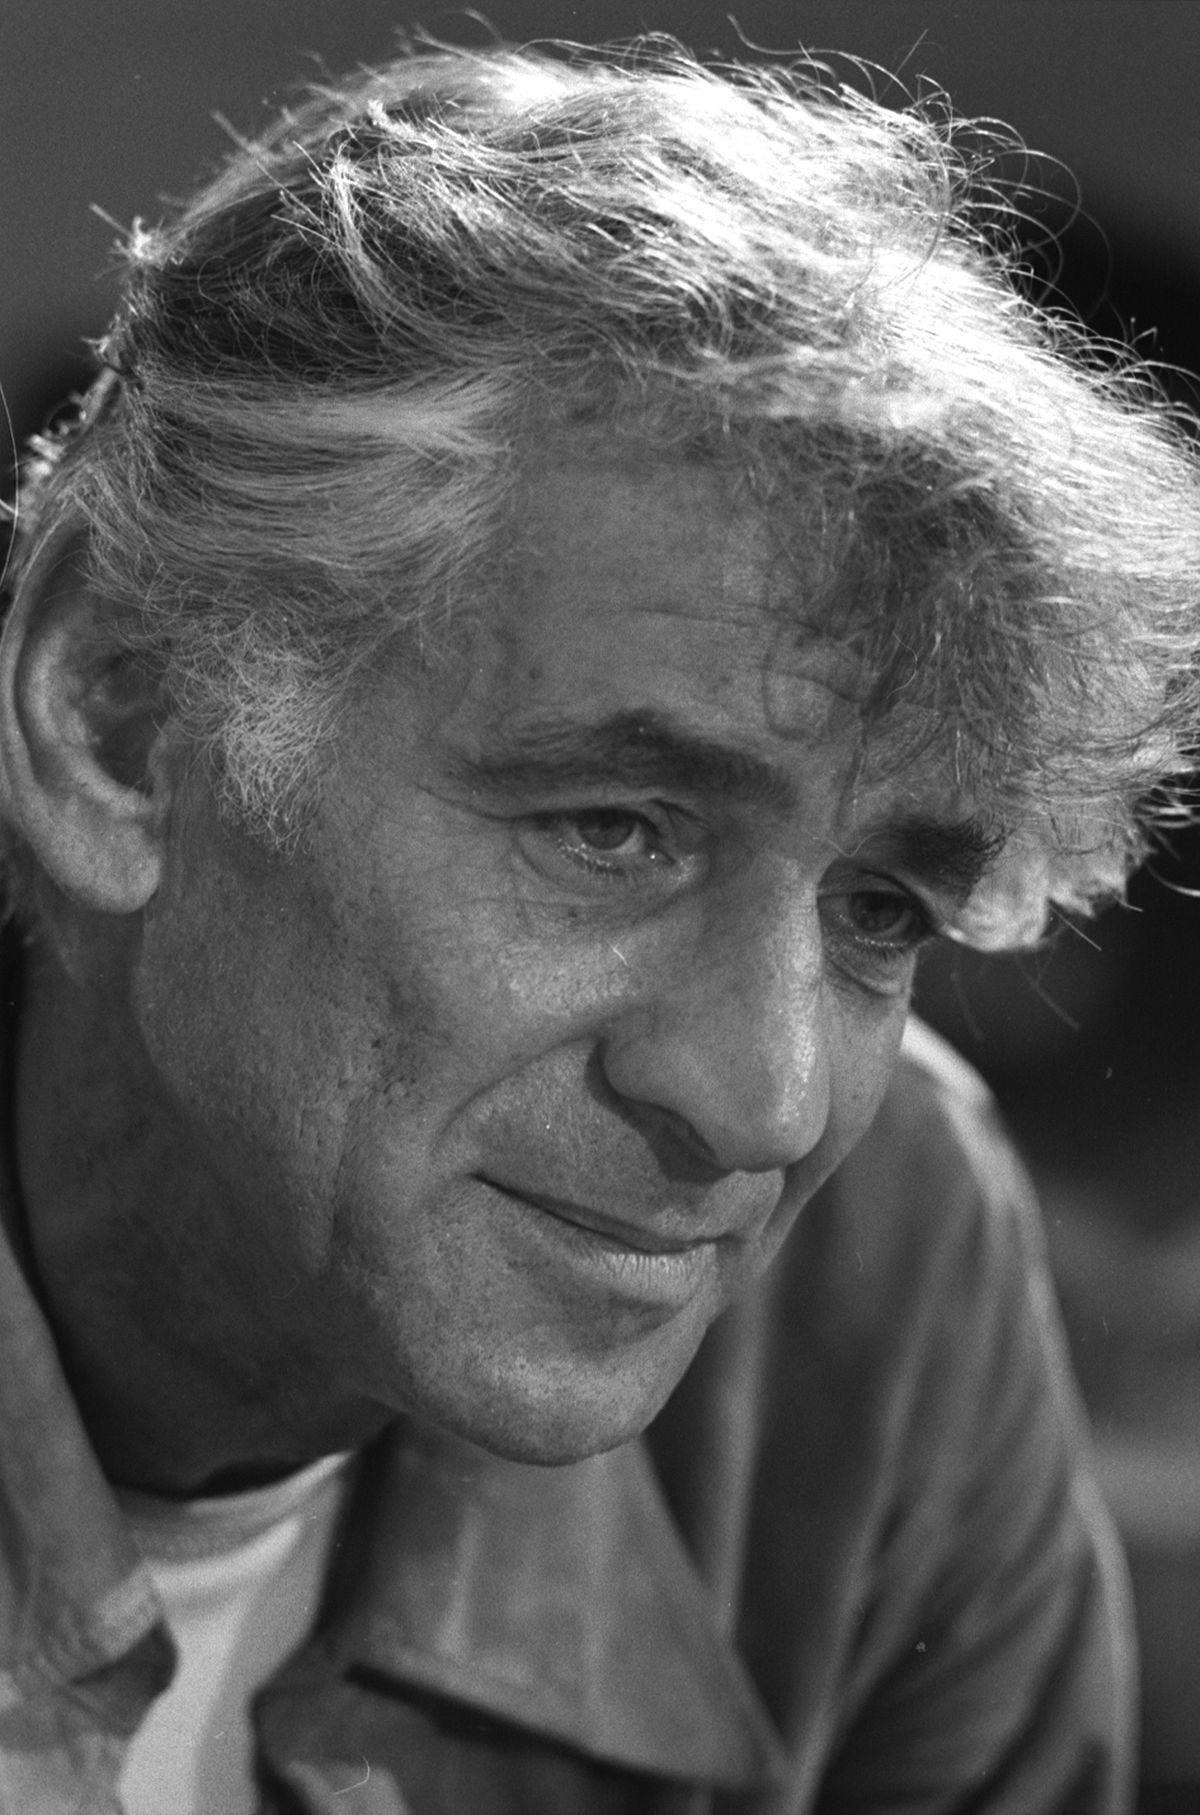 100 anos de Leonard Bernstein — Leonard Bernstein (1918-1992): Marin Alsop's Complete Naxos Recordings — 8 CDs